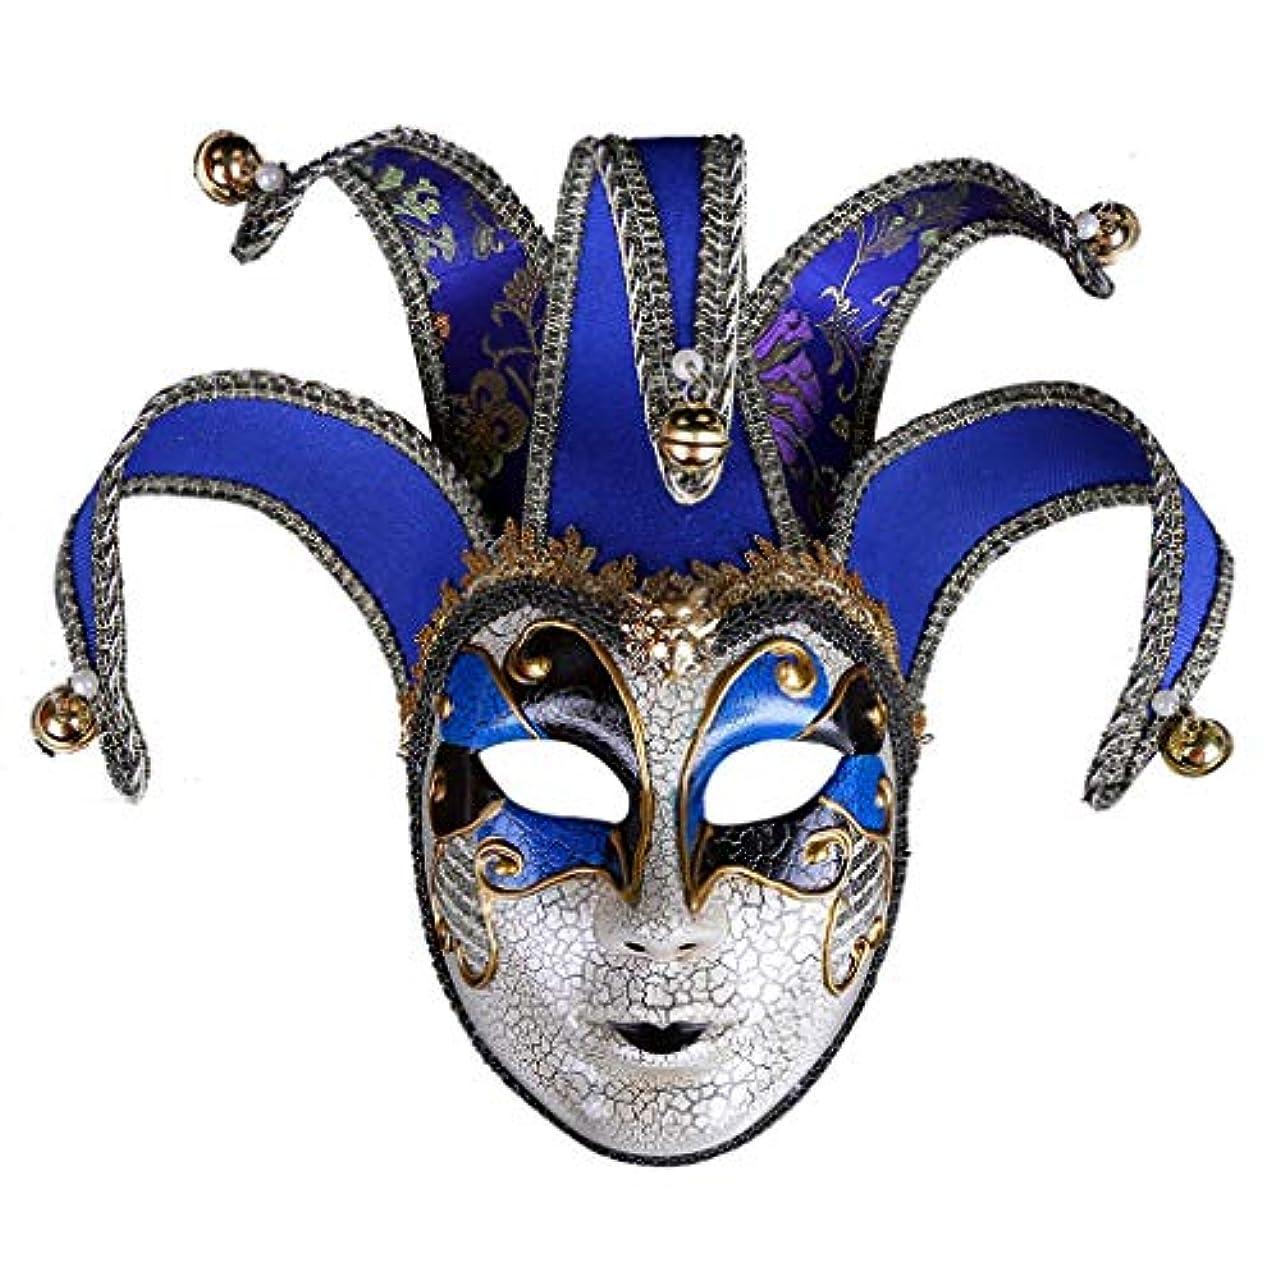 テレビ曲流用するハロウィンマスクヴィンテージマスク女性のアダルトマスクヴェネツィアフェスティバルプロップフェイスデコレーション仮装クリエイティブマスク (Color : BLACK)